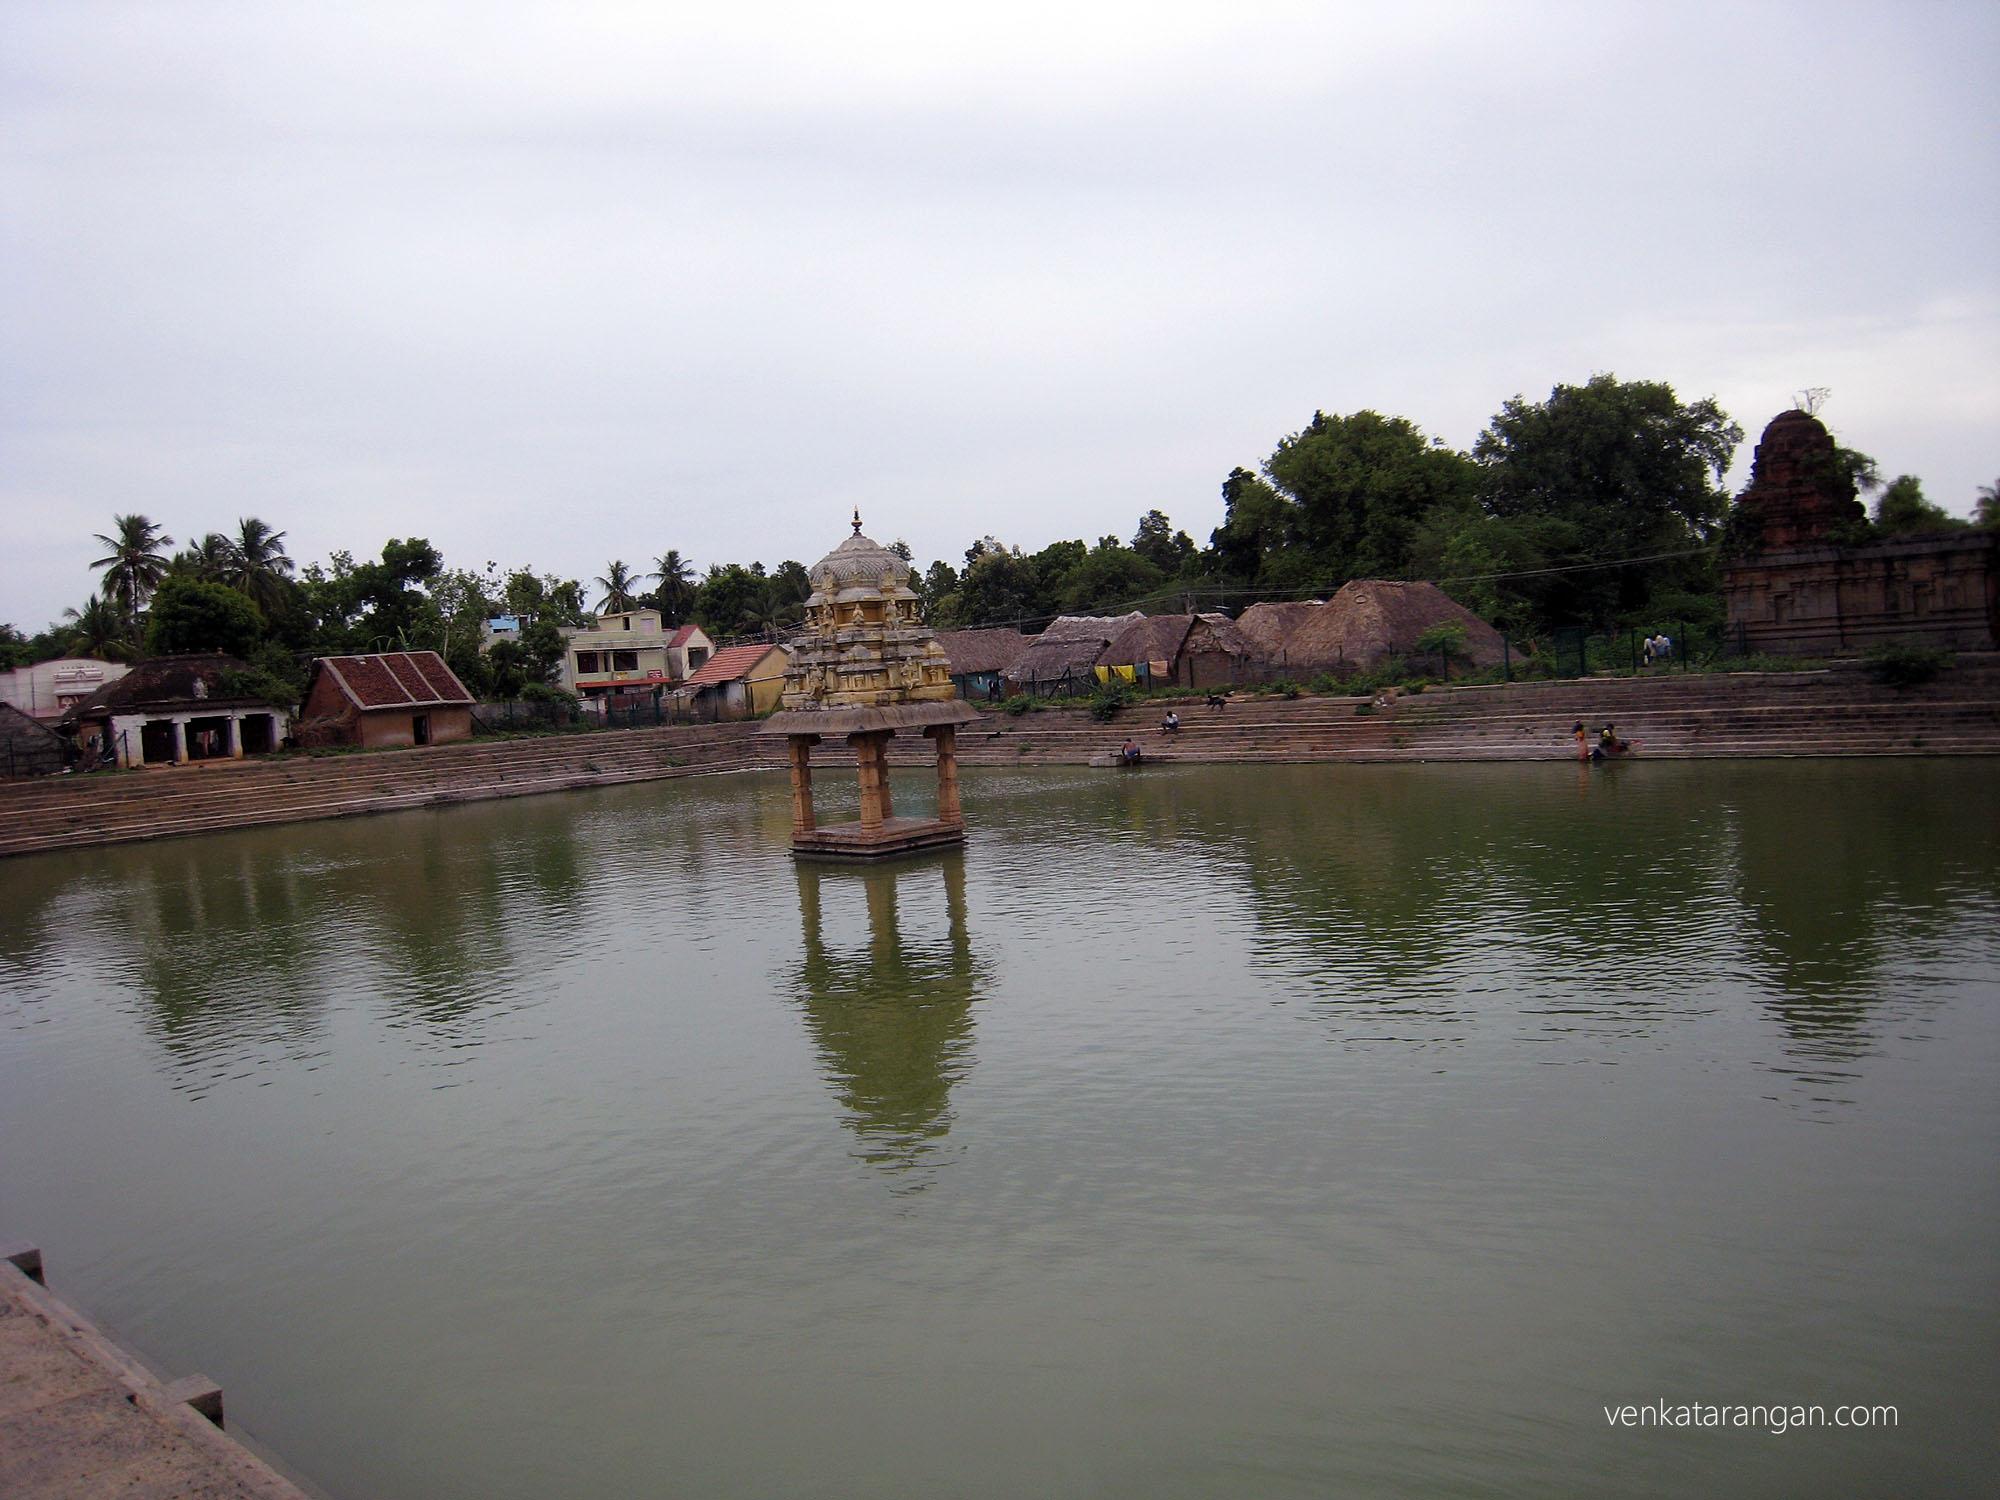 கோயில் புஷ்கரணி குளம்